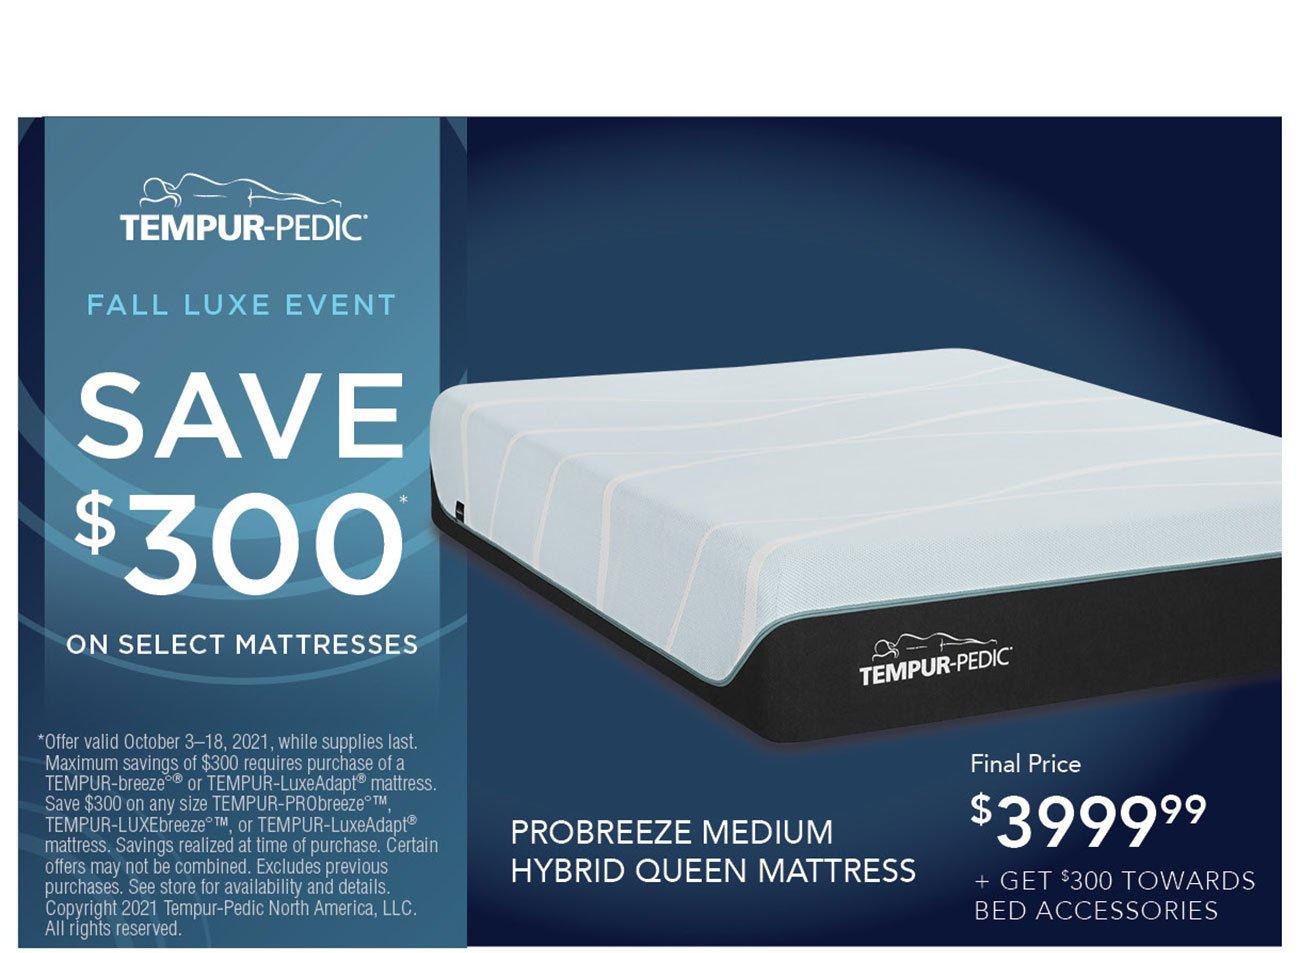 Tempur-pedic-queen-mattress